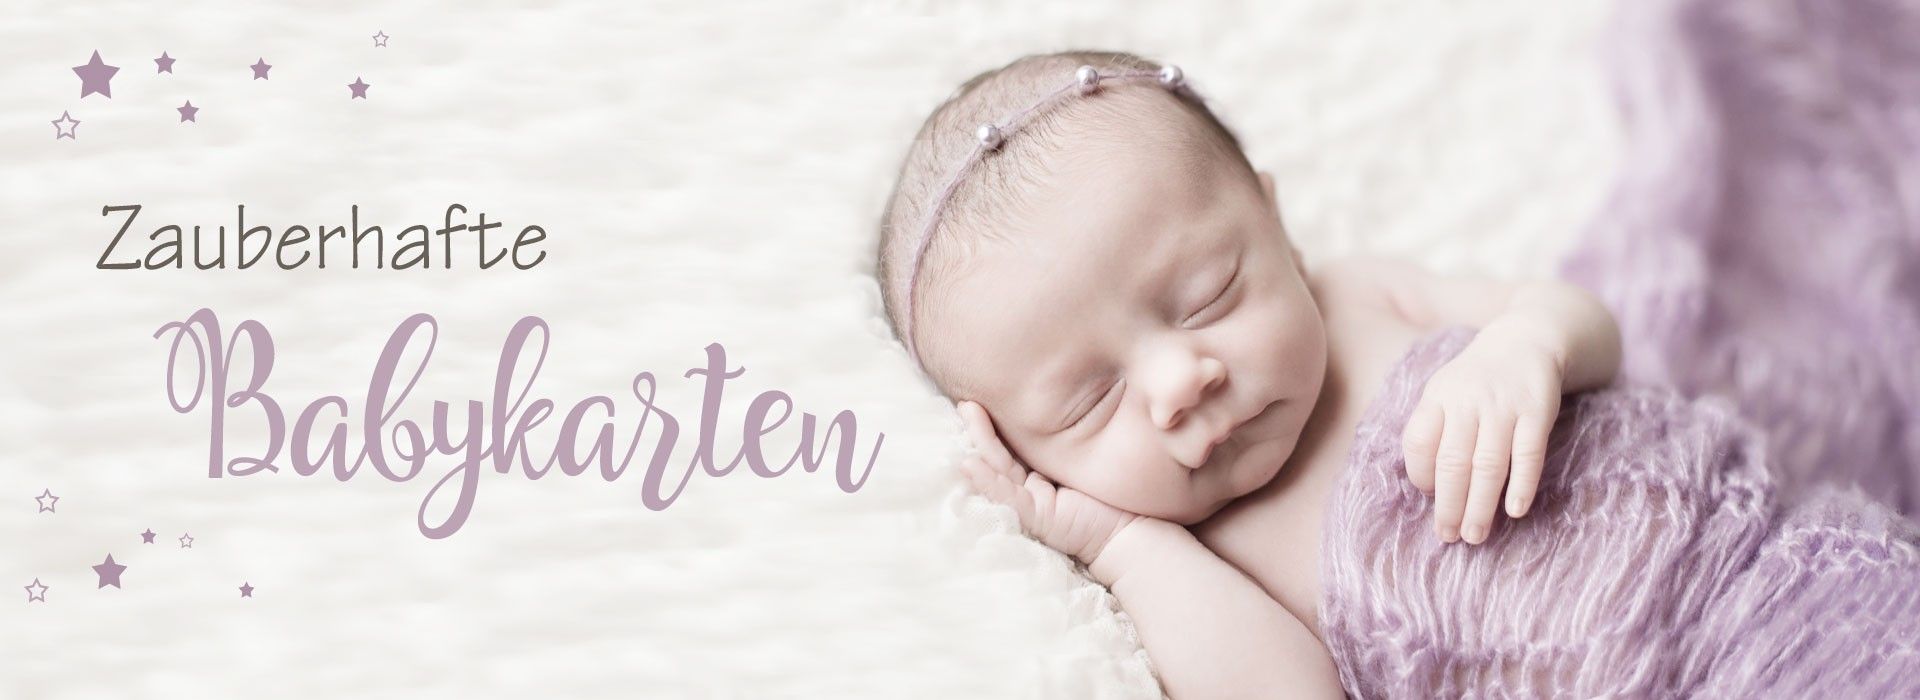 Babykarten.Einladungskarten Hochzeit Dankeskarten Babykarten